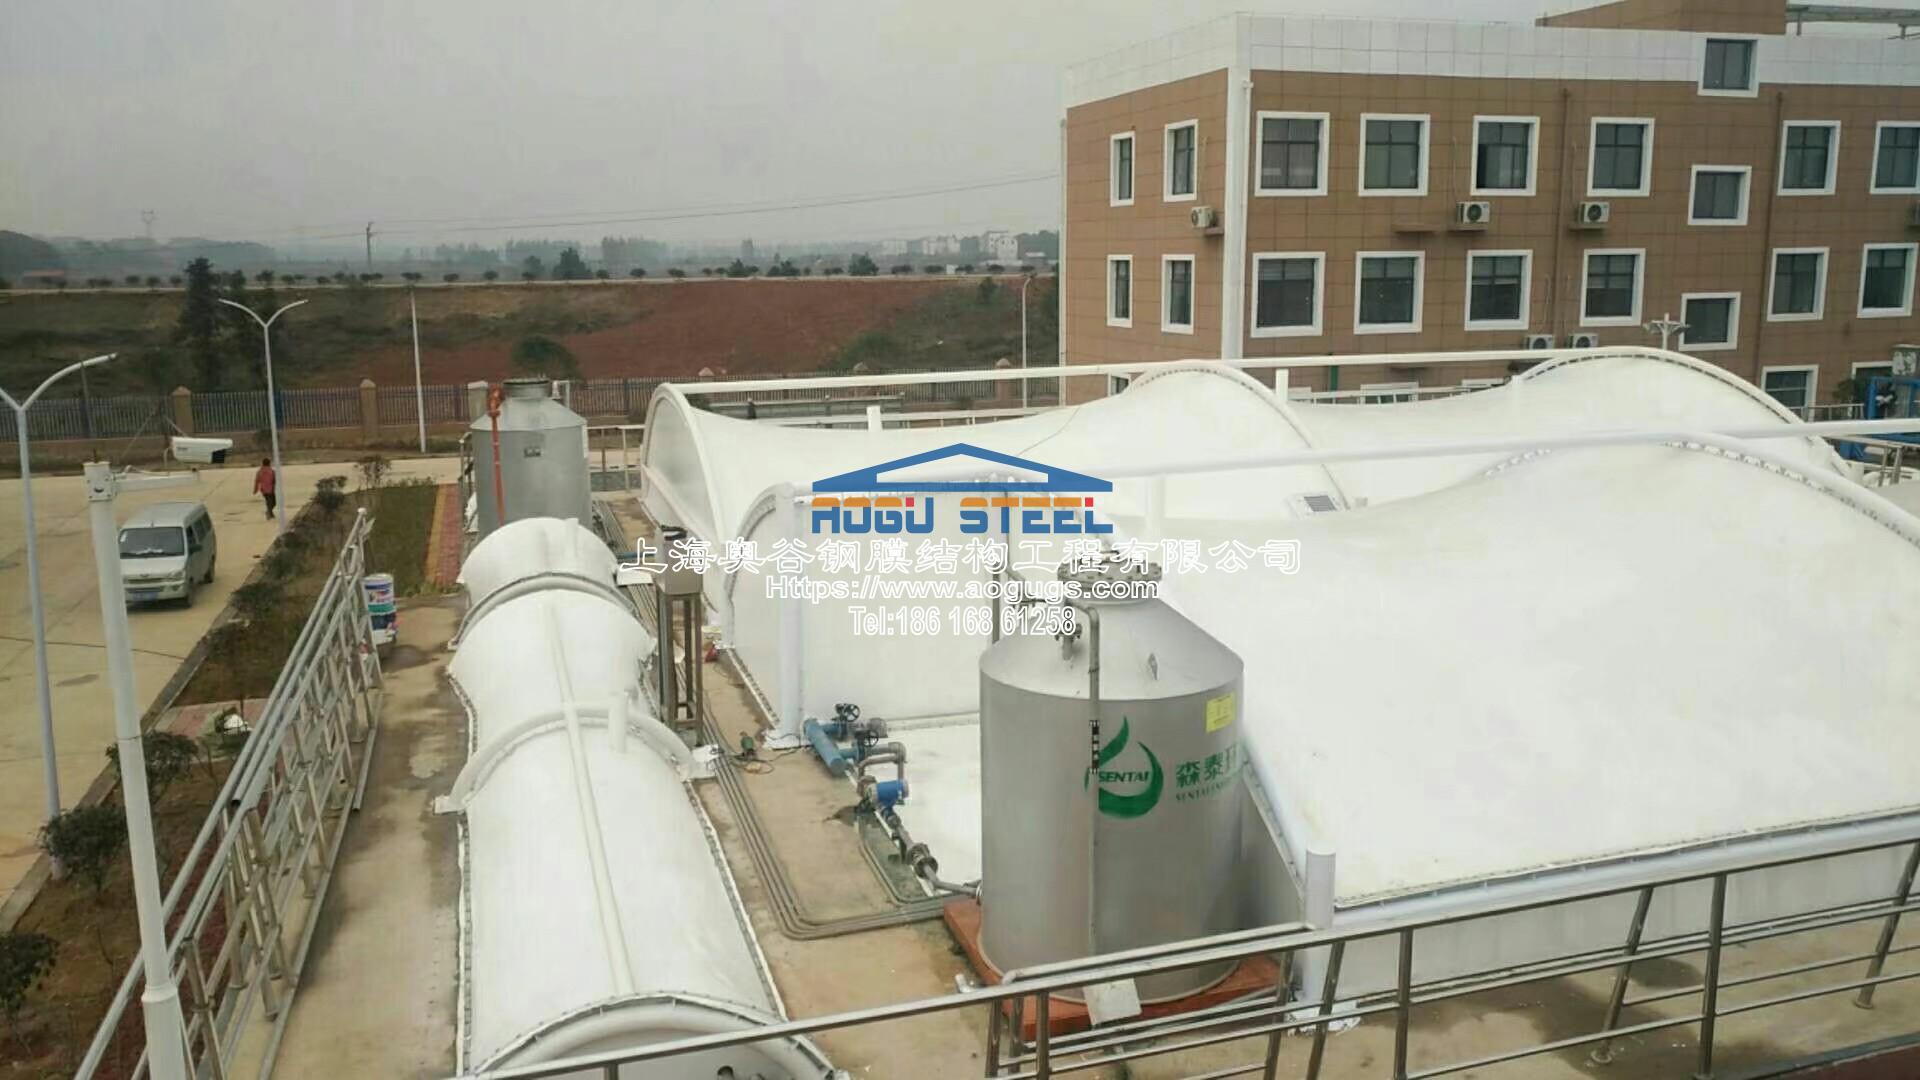 污水厂污水池加盖工程施工现场1540520805958.jpeg